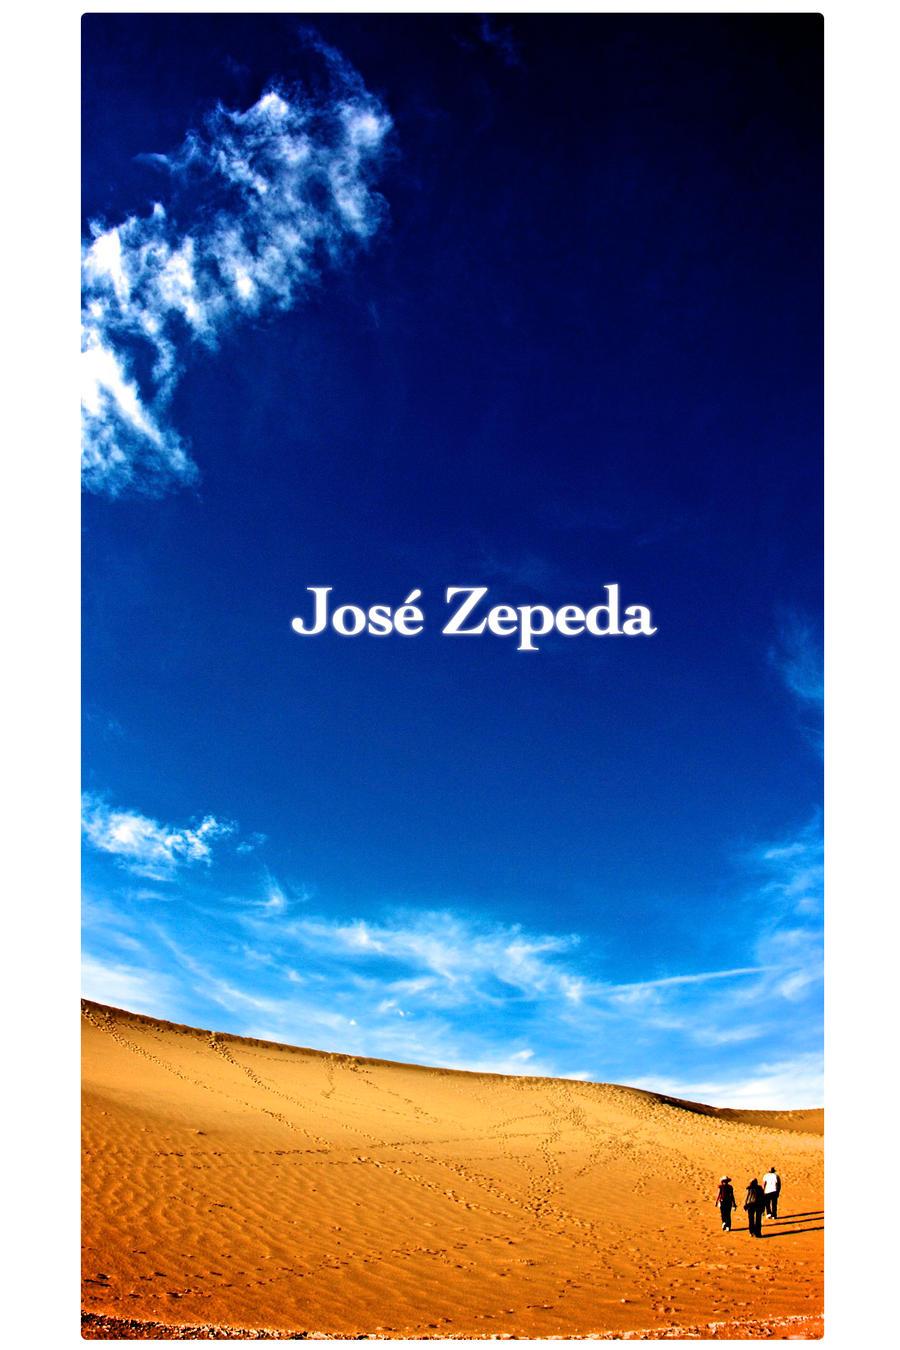 zeta32's Profile Picture